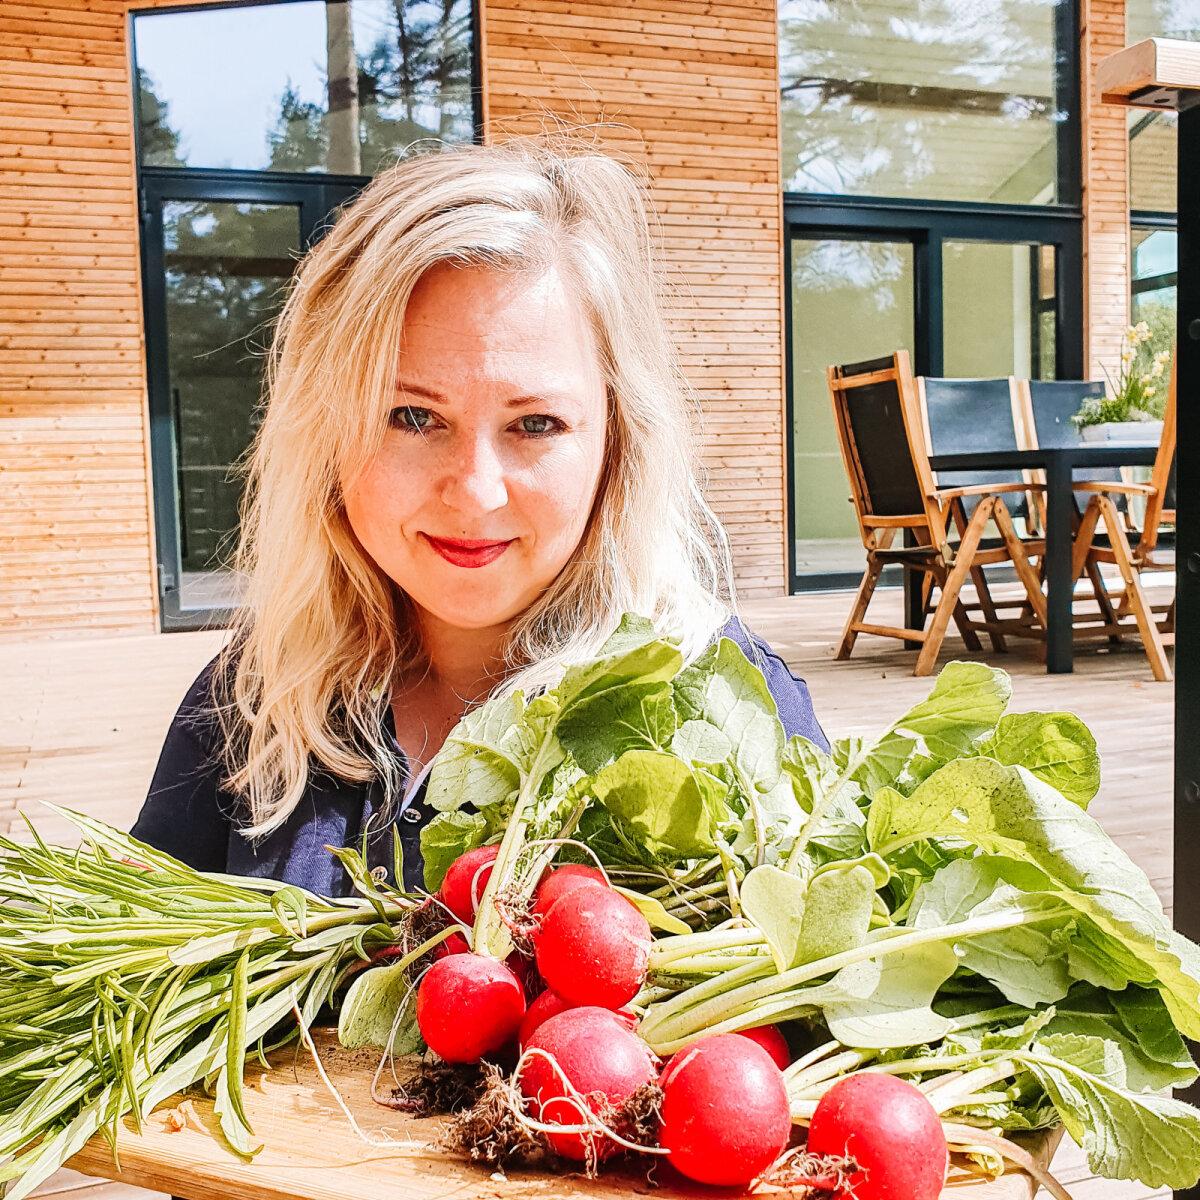 Eesti Peakokkade Ühenduse tegevjuht Helen Vihtol.